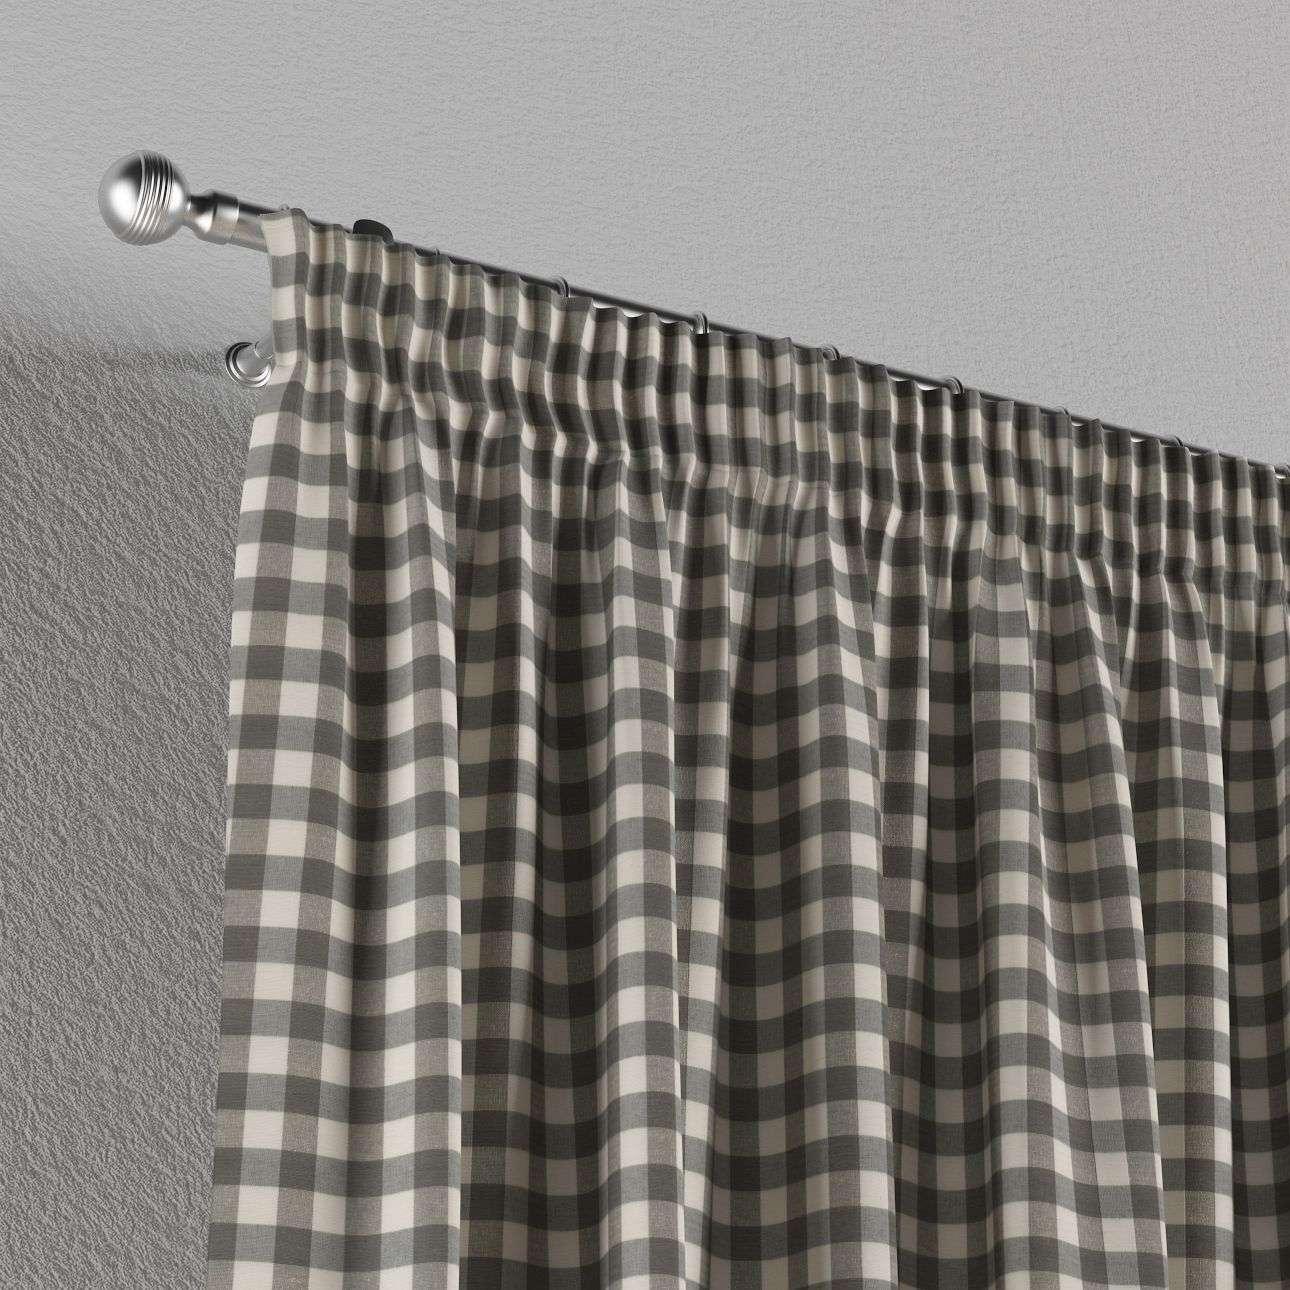 Vorhang mit Kräuselband 130 x 260 cm von der Kollektion Quadro, Stoff: 136-11